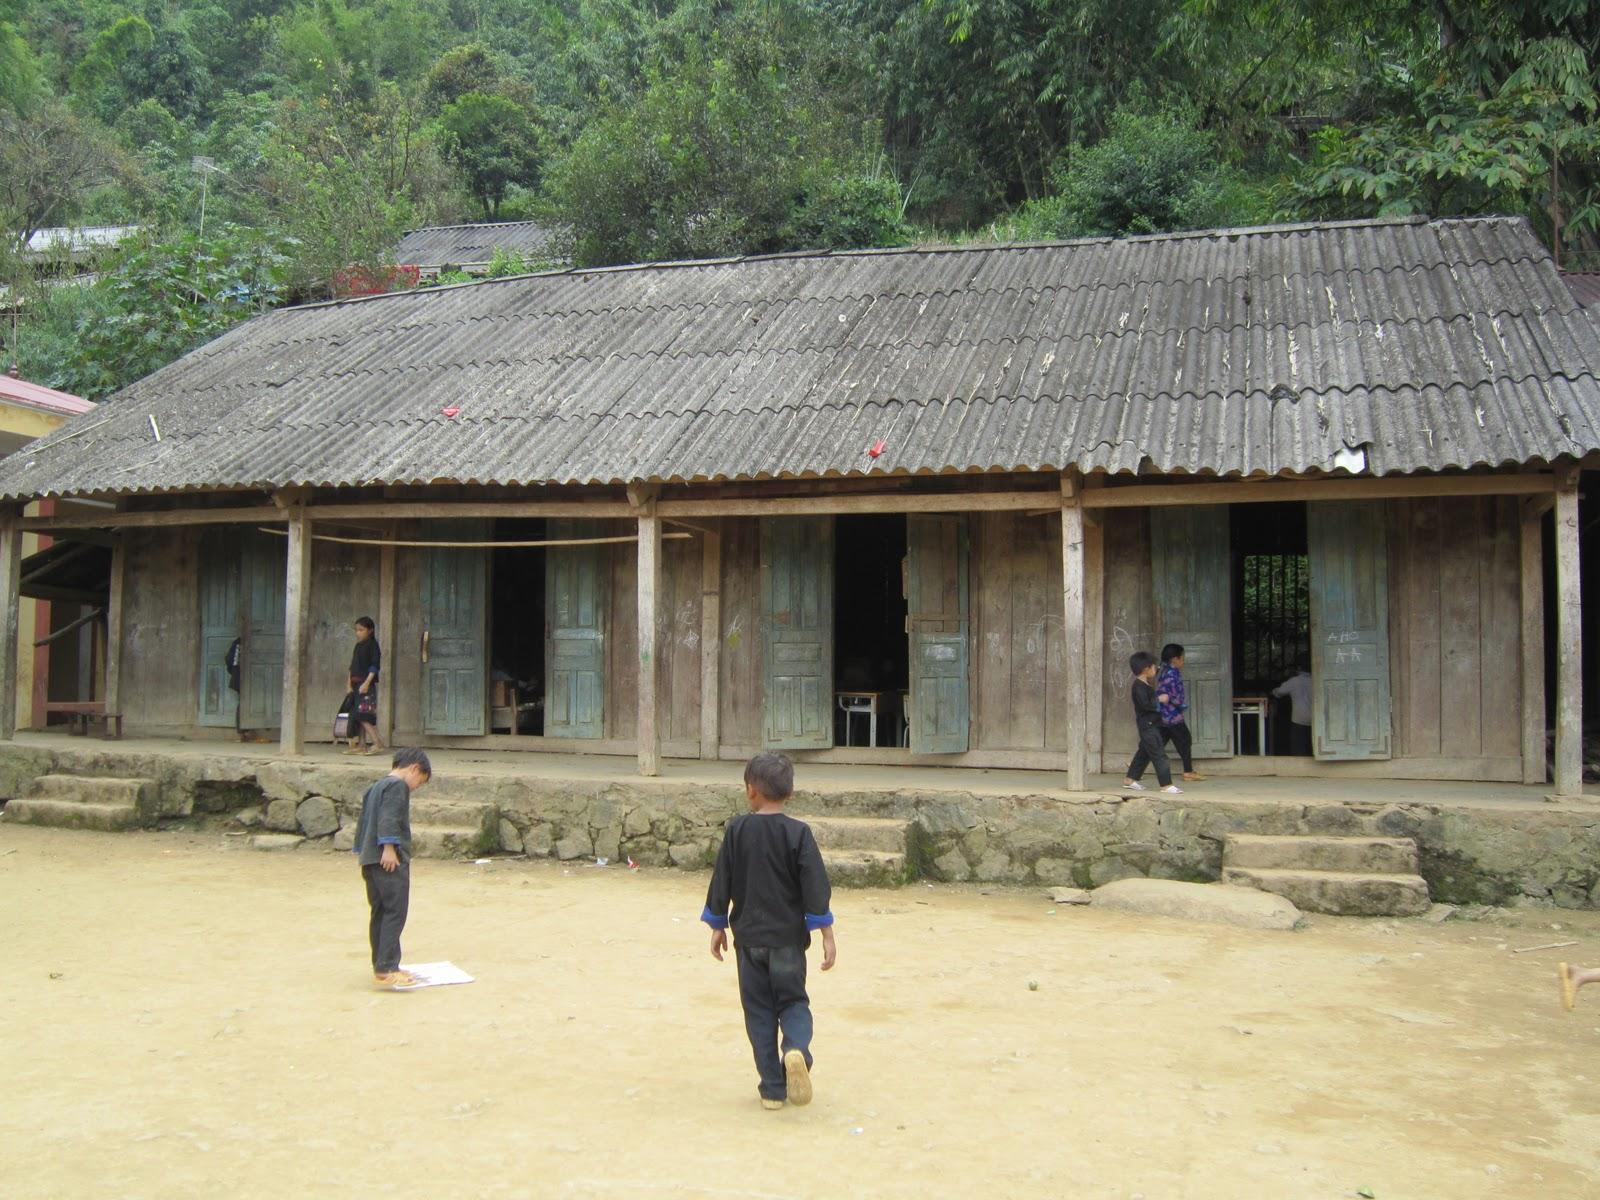 A local shool in Lao Chai Village